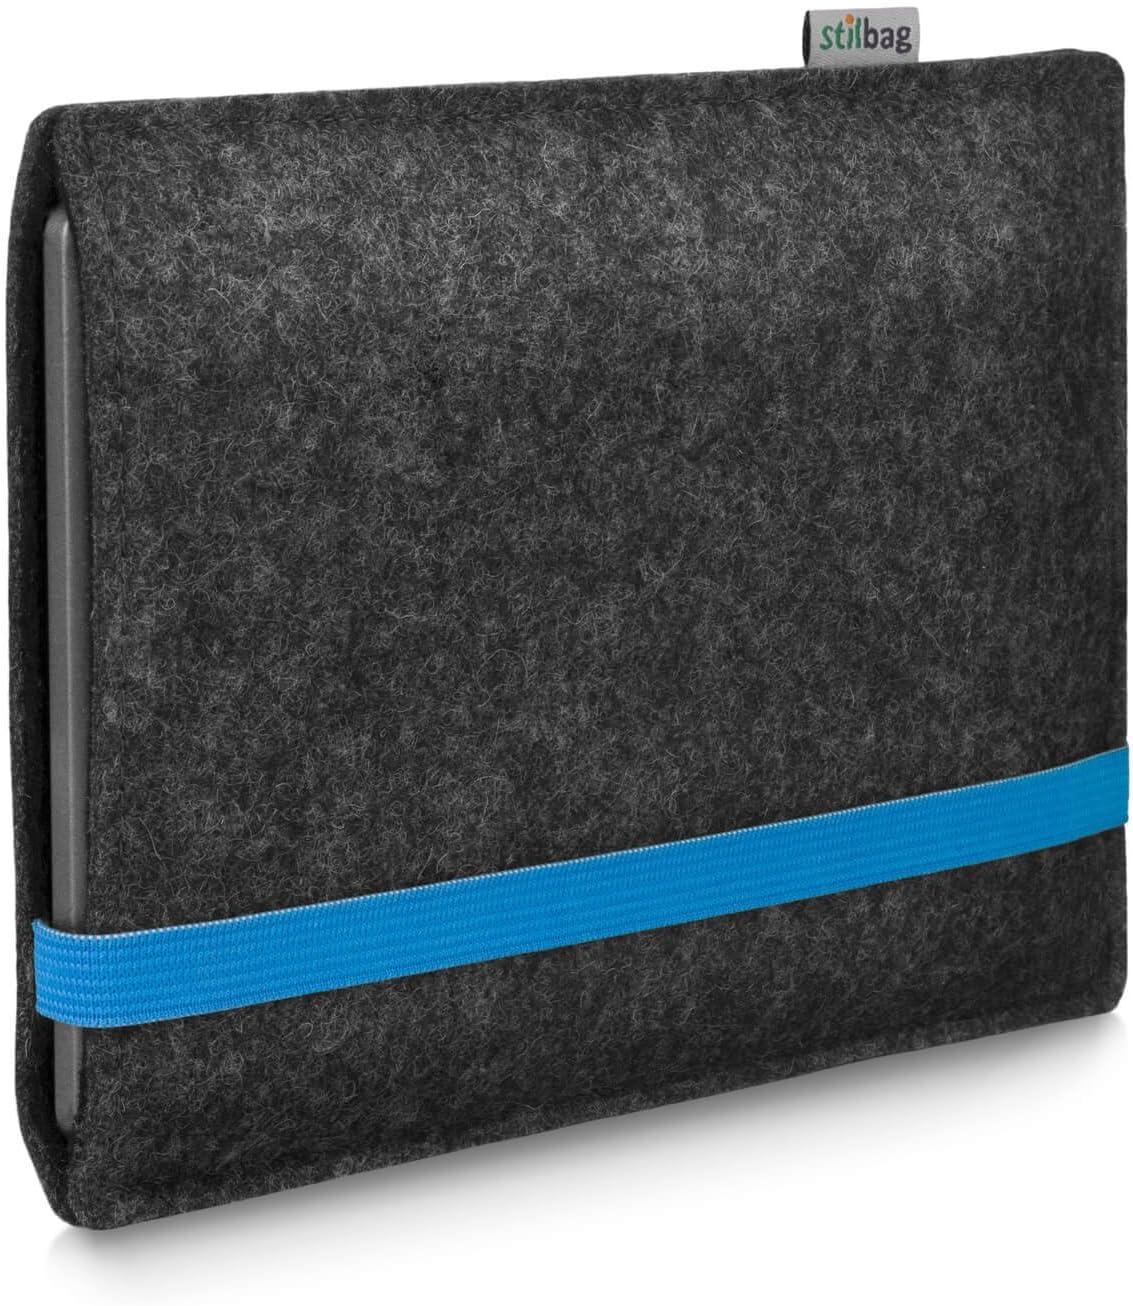 banda elastica blu Copertura di protezione Made in Germany 9. Generation | Feltro di lana antracite Stilbag e-reader borsa LEON per  Kindle Oasis